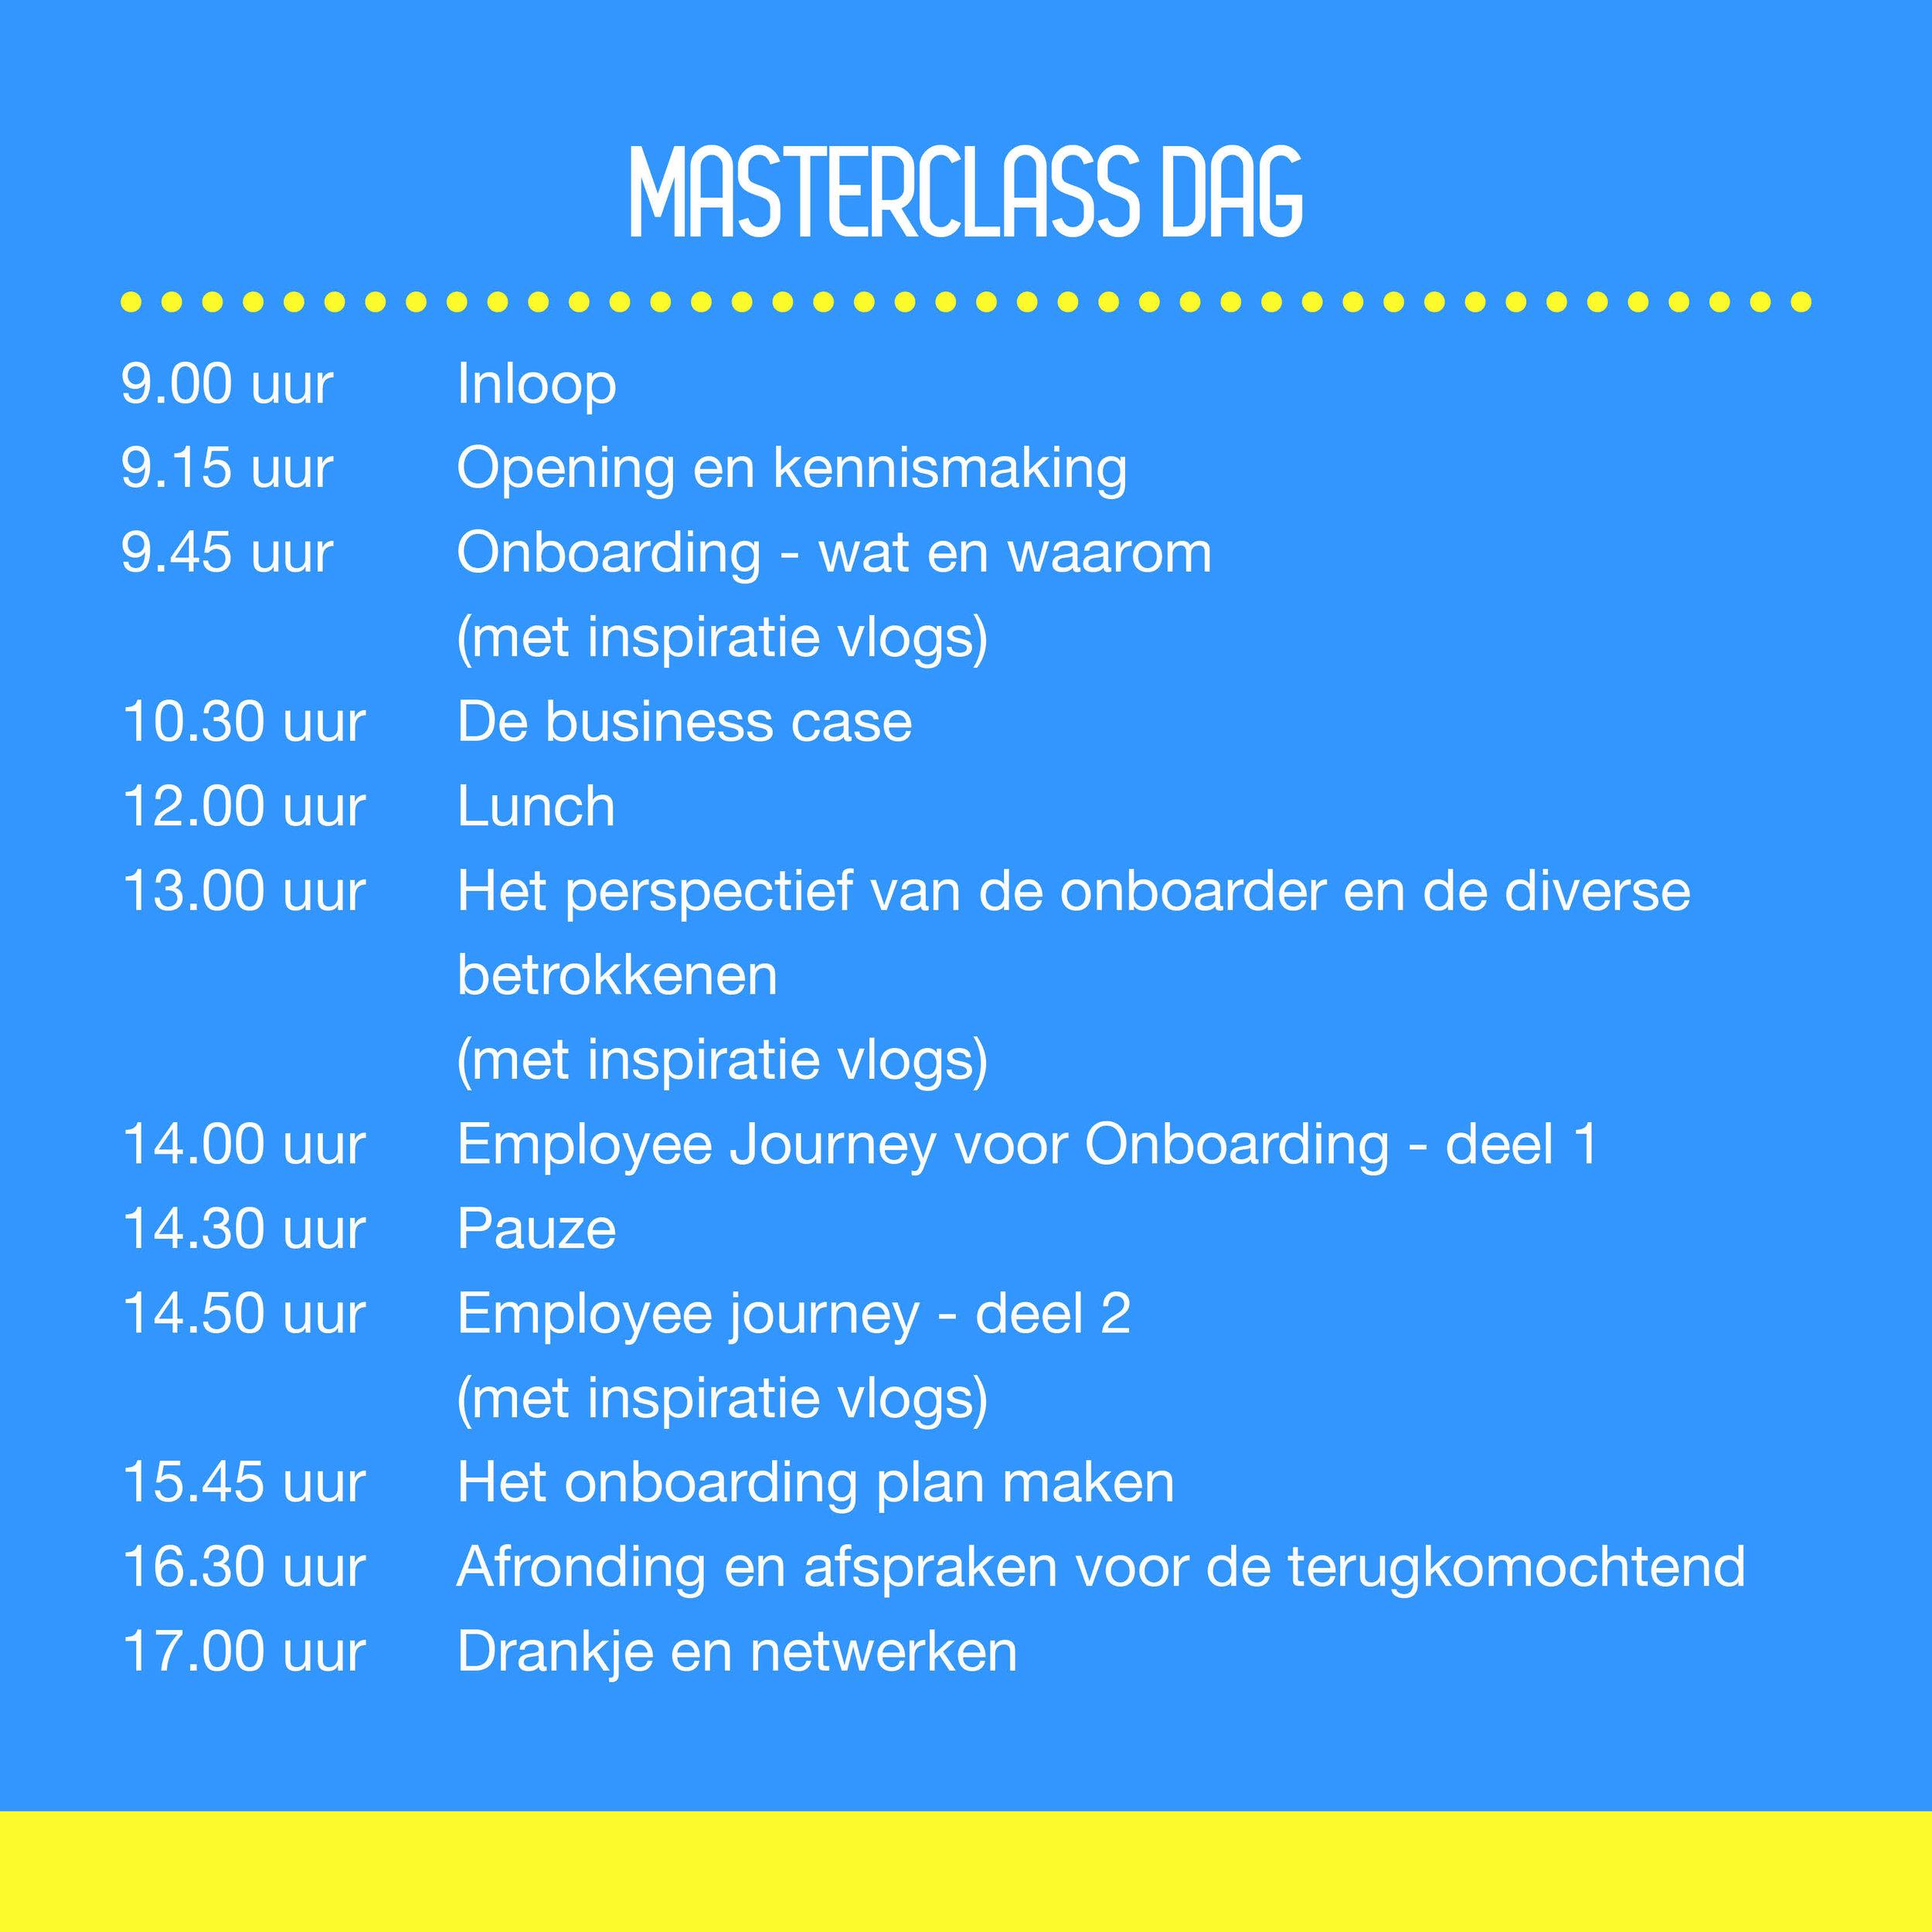 Masterclass dag   09.00 uur Inloop 09.15 uur Opening en kennismaking 09.45 uur Onboarding - wat en waarom (met inspiratie vlogs) 10.30 uur De business case 12.00 uur Lunch 13.00 uur Het perspectief van de onboarder en de diverse betrokkenen (met inspiratie vlogs) 14.00 uur Employee Journey voor Onboarding - deel 1 14.30 uur Pauze 14.50 uur Employee journey - deel 2 (met inspiratie vlogs) 15.45 uur Het onboarding plan maken 16.30 uur Afronding en afspraken voor de terugkomochtend 17.00 uur Drankje en netwerken